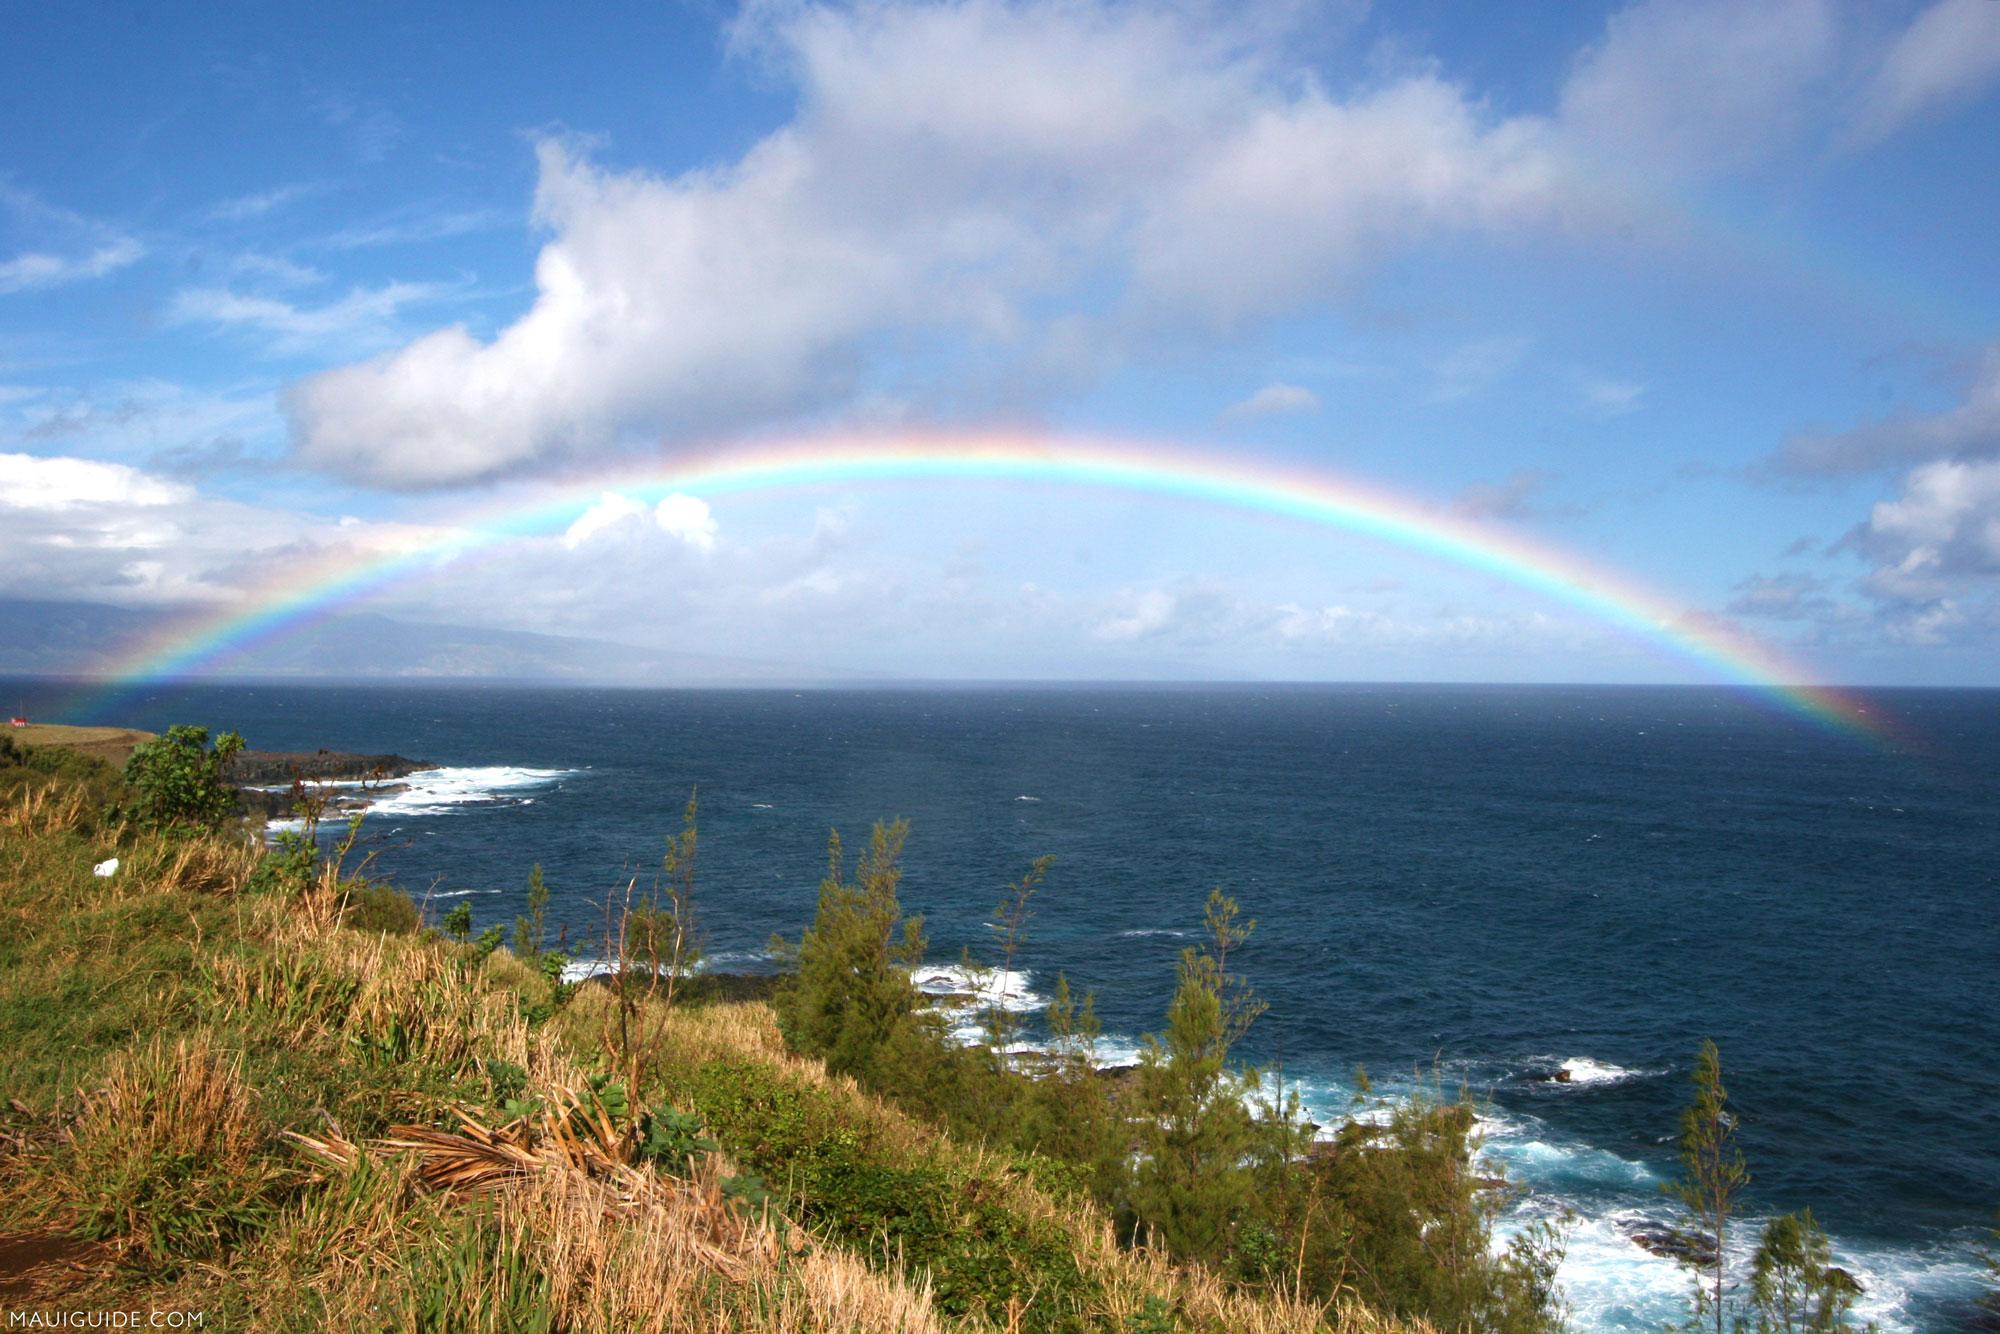 ハワイのマウイ島、カウアイ島、ハワイ島にもCOVID-19制限緩和を期待